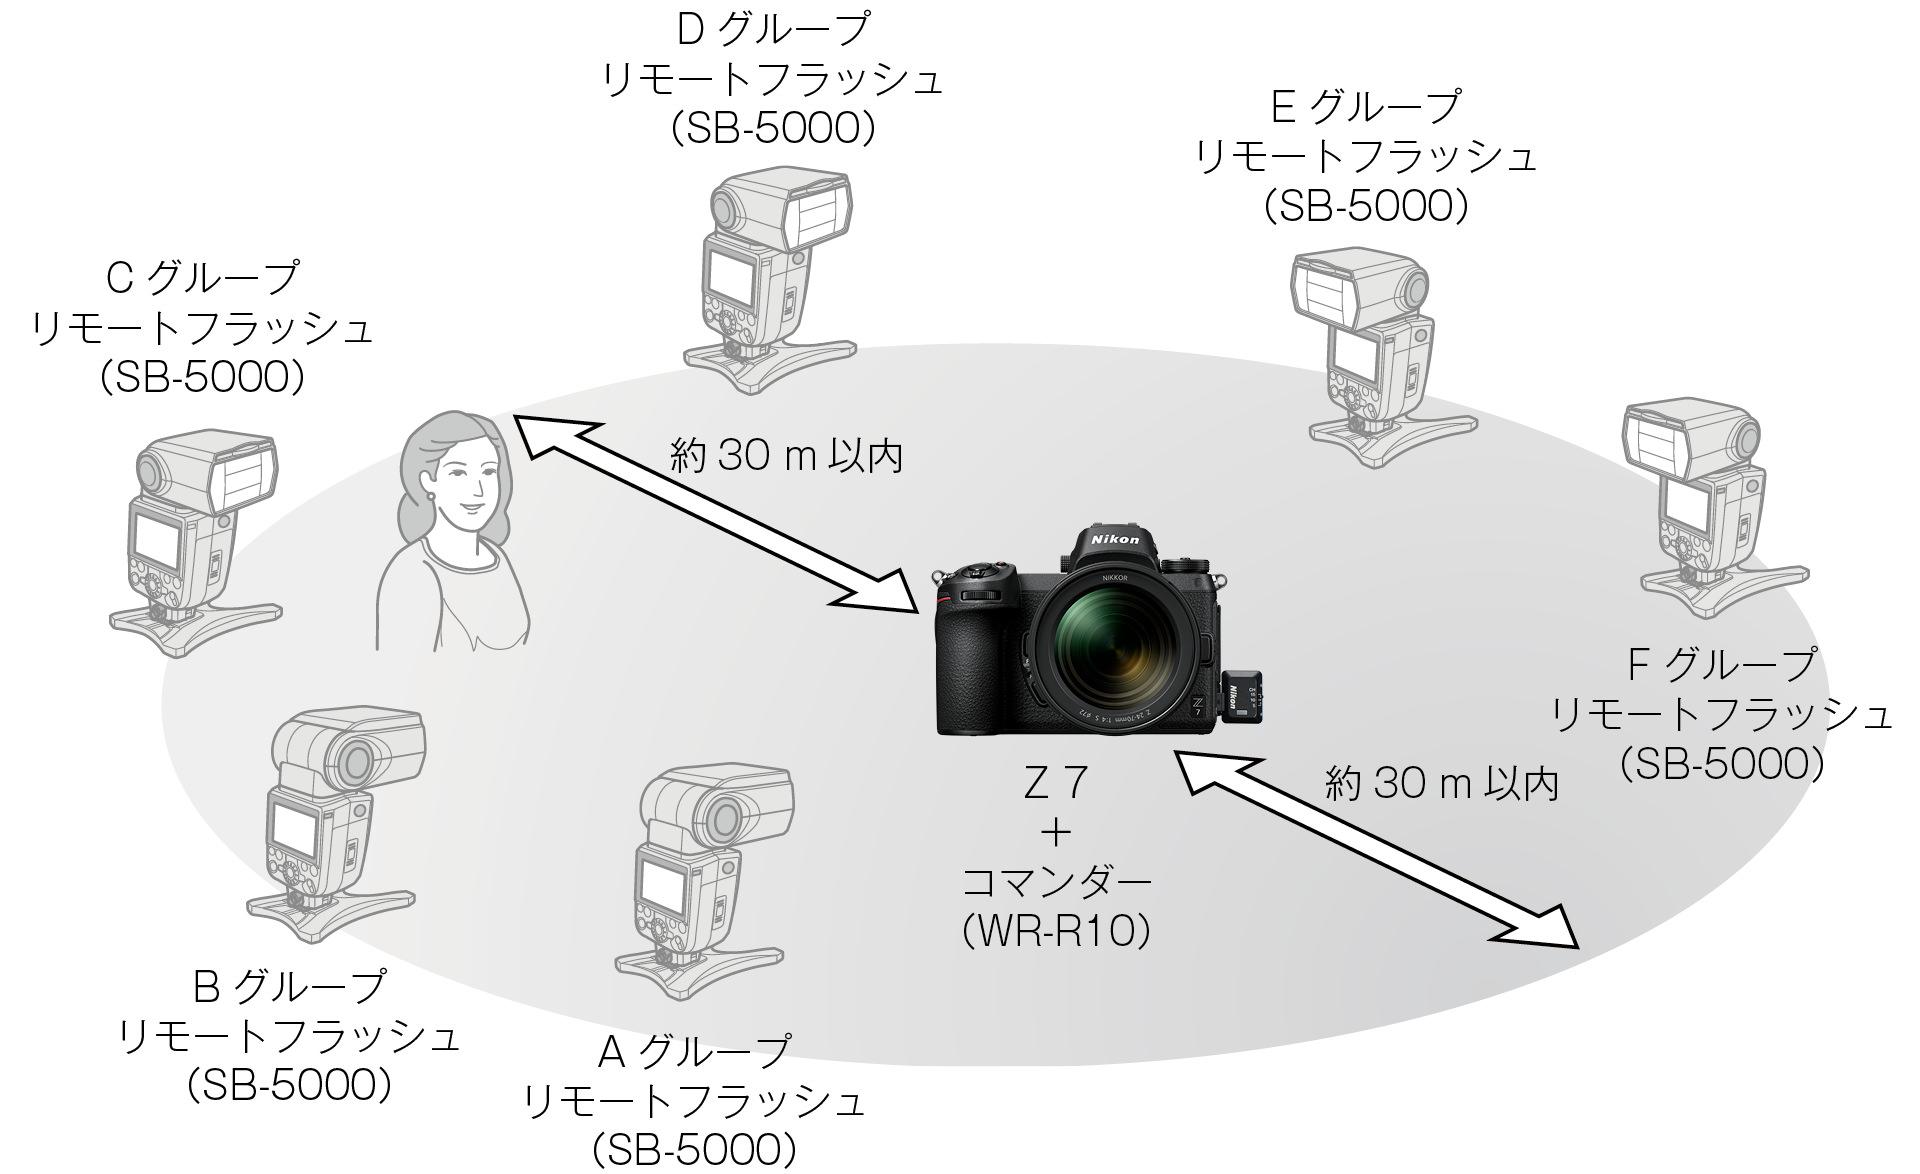 sb-910 ファームウェア